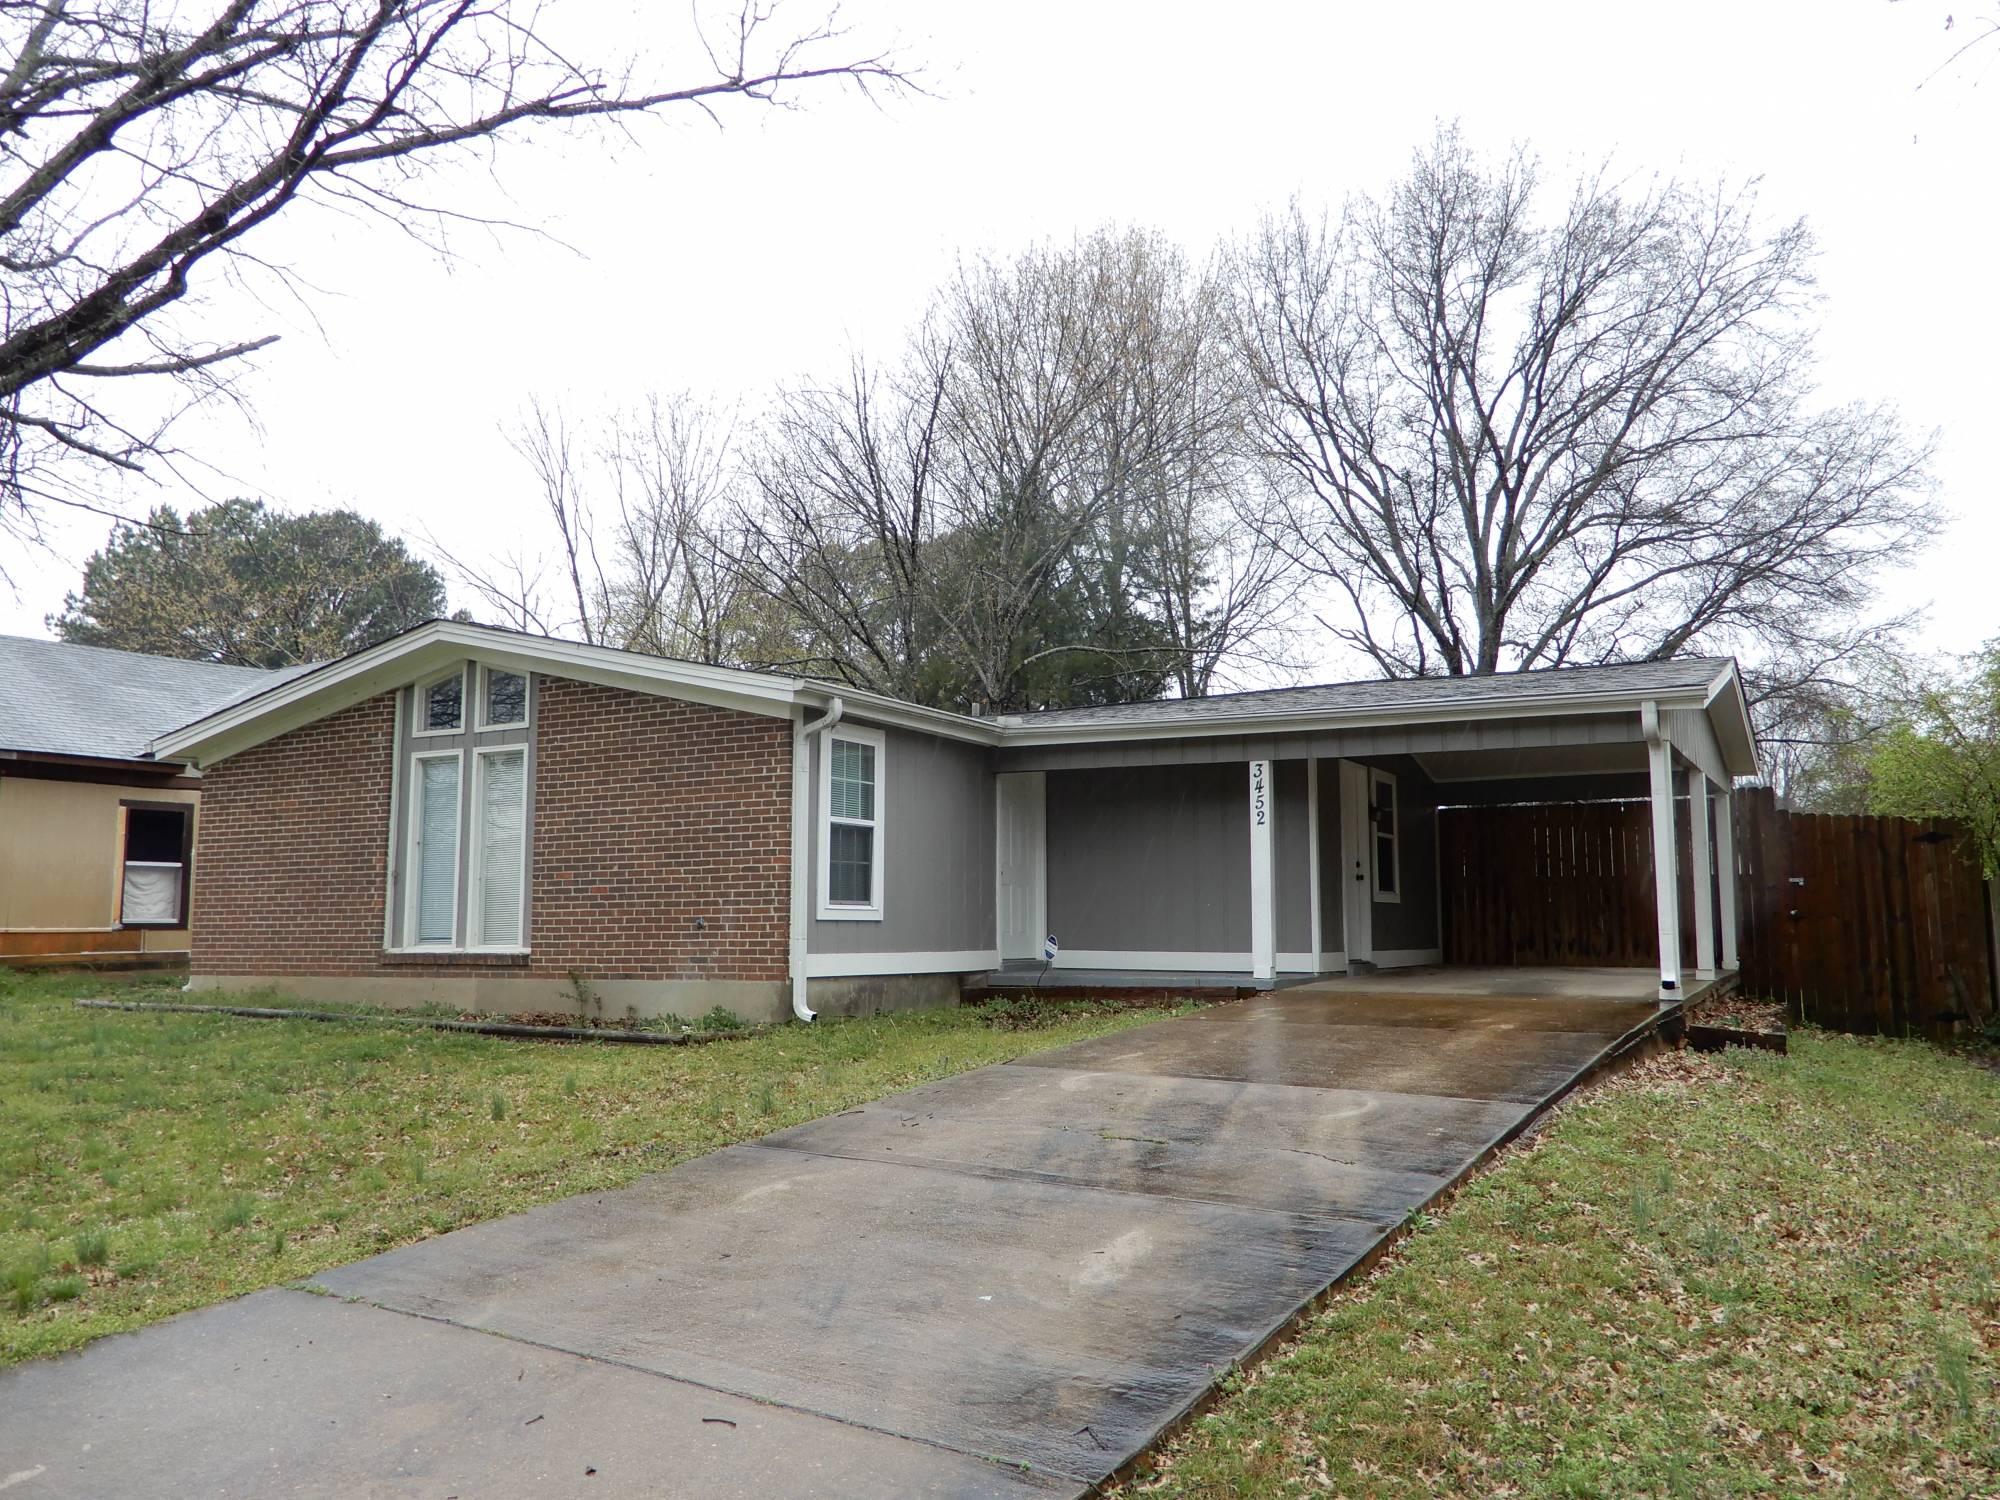 3452 Meire Dr. Memphis TN 38118